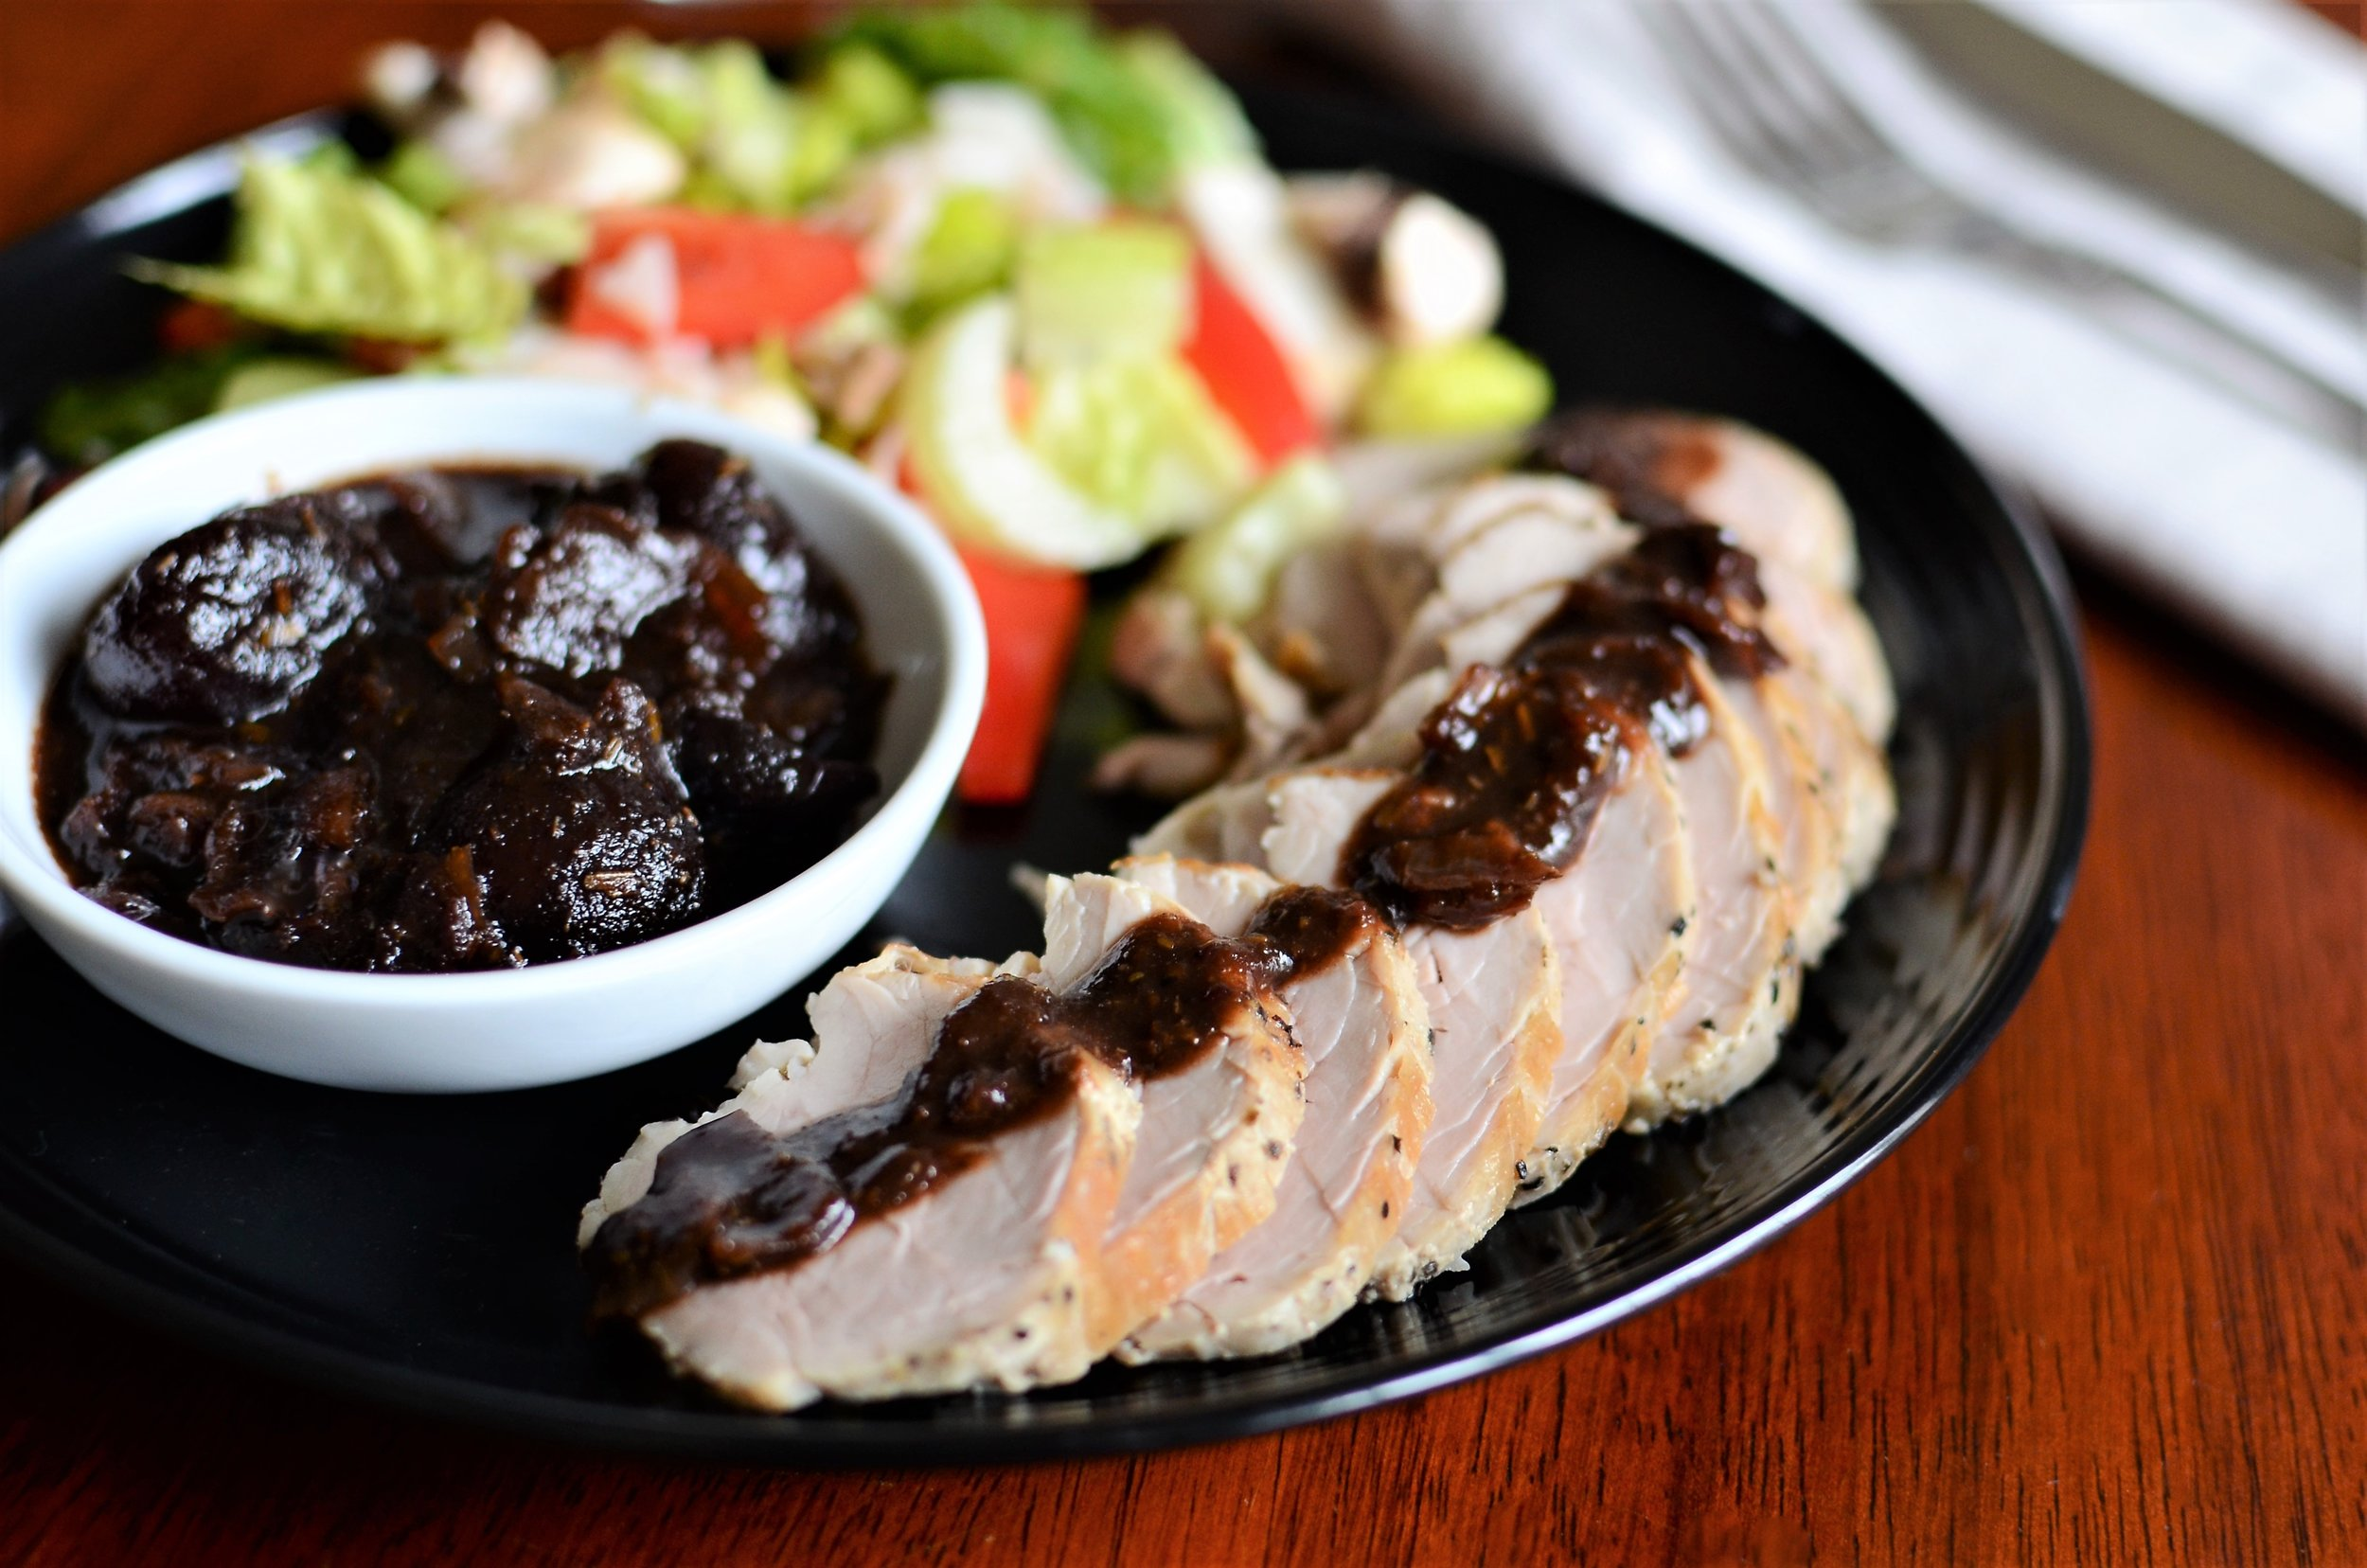 Pork Tenderloin with Cherries and Balsamic - ButterYum. how to cook a pork tenderloin. Recipe for pork tenderloin.